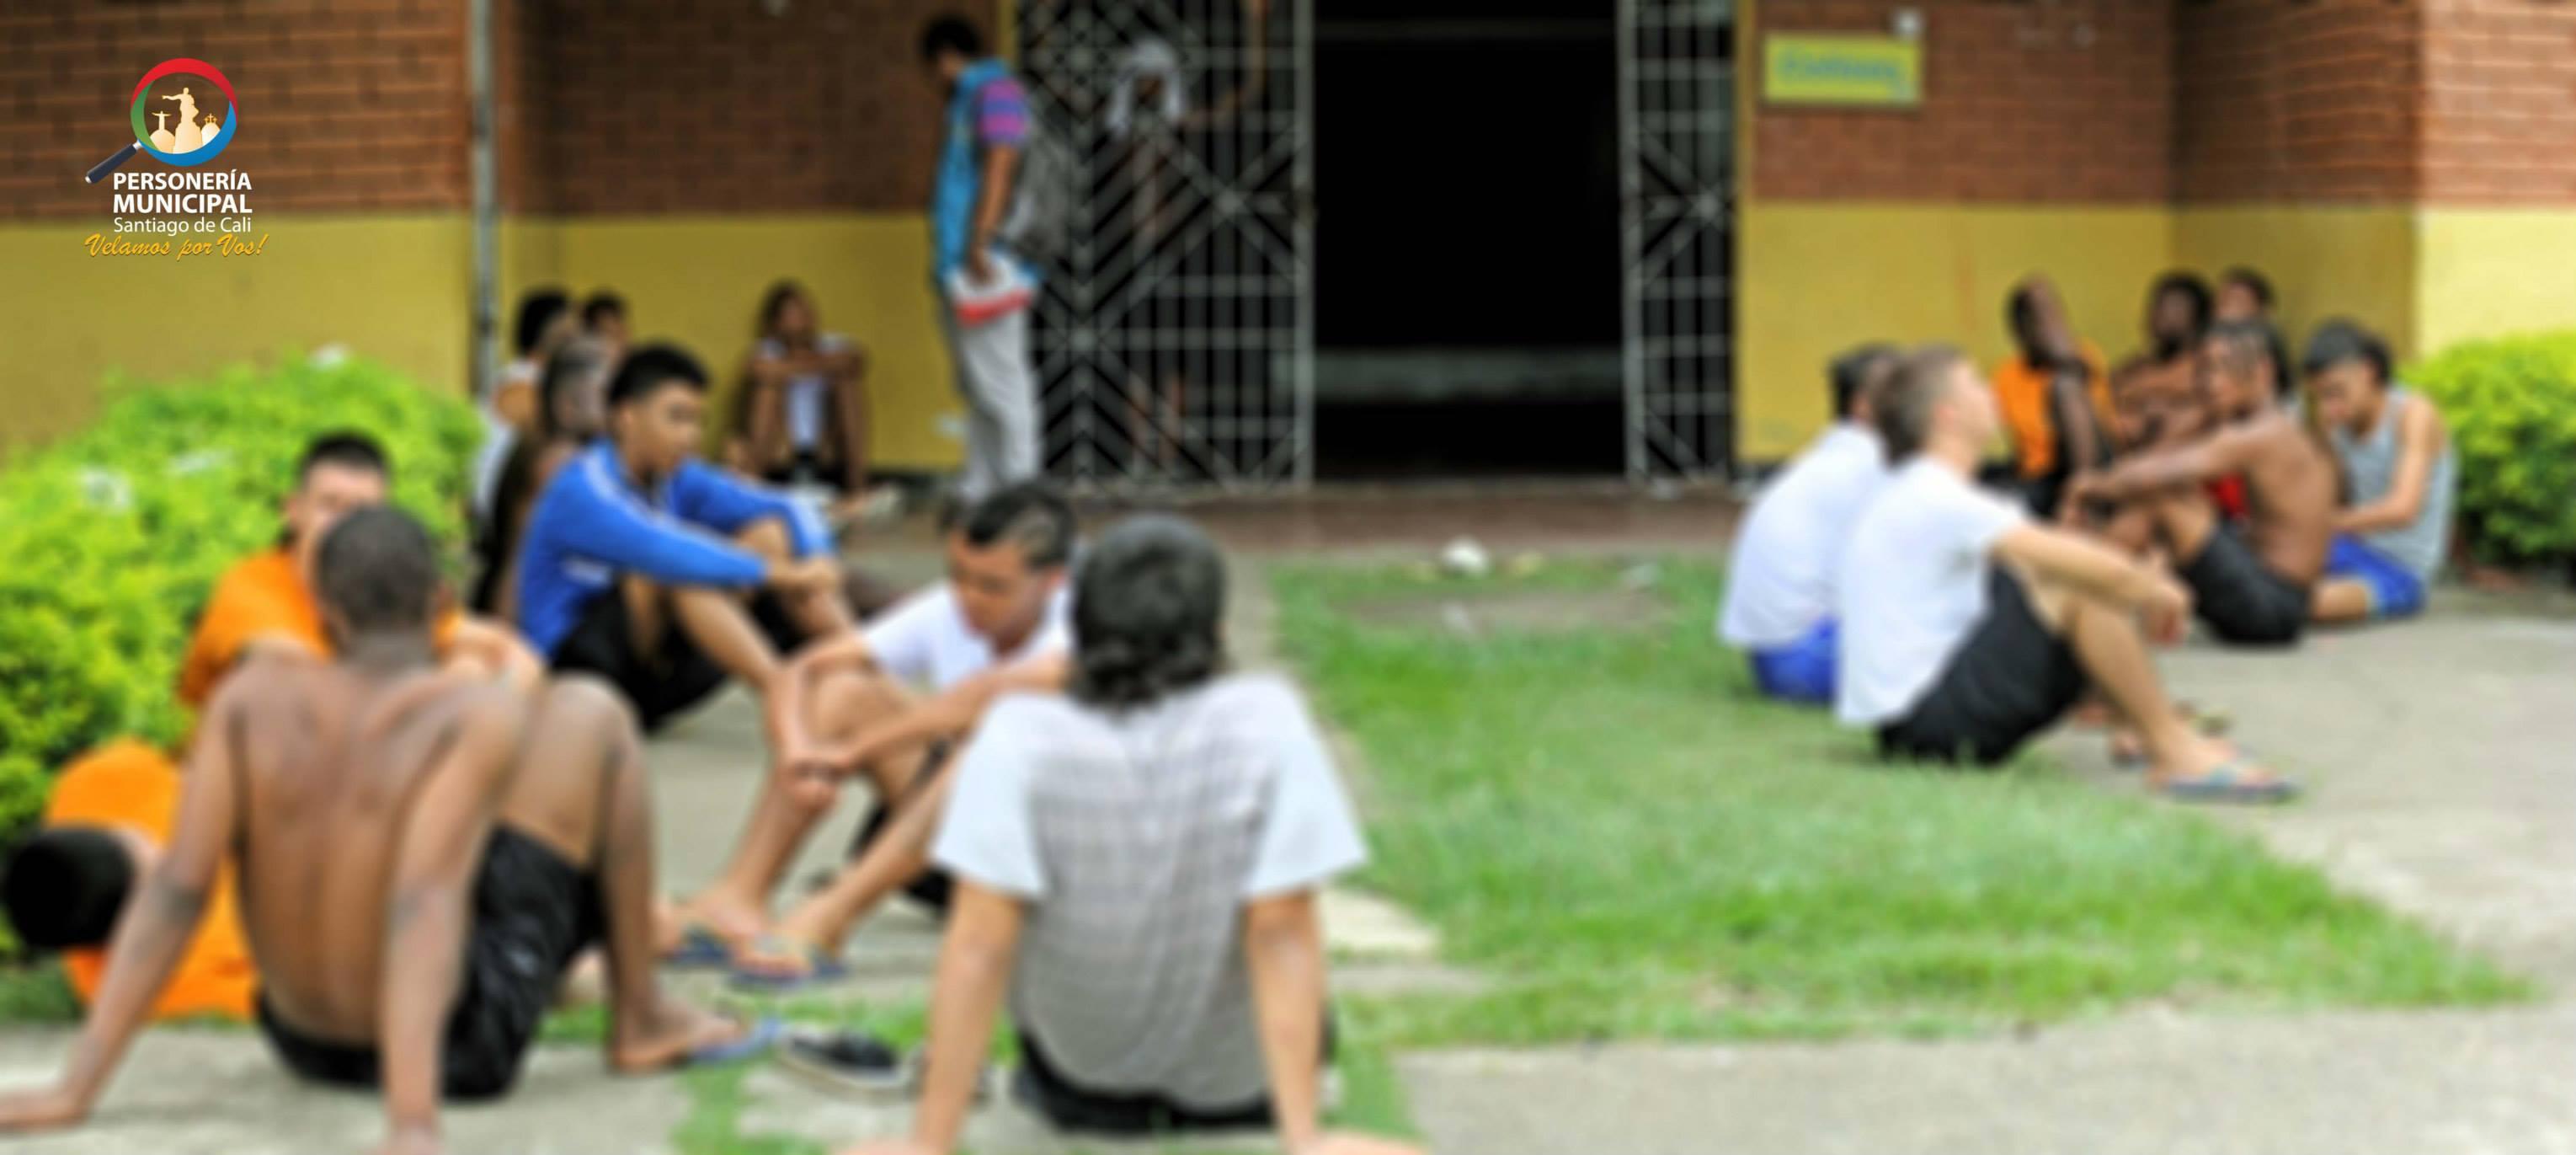 Investigan disturbios en Centro de Formación Juvenil Valle del Lili